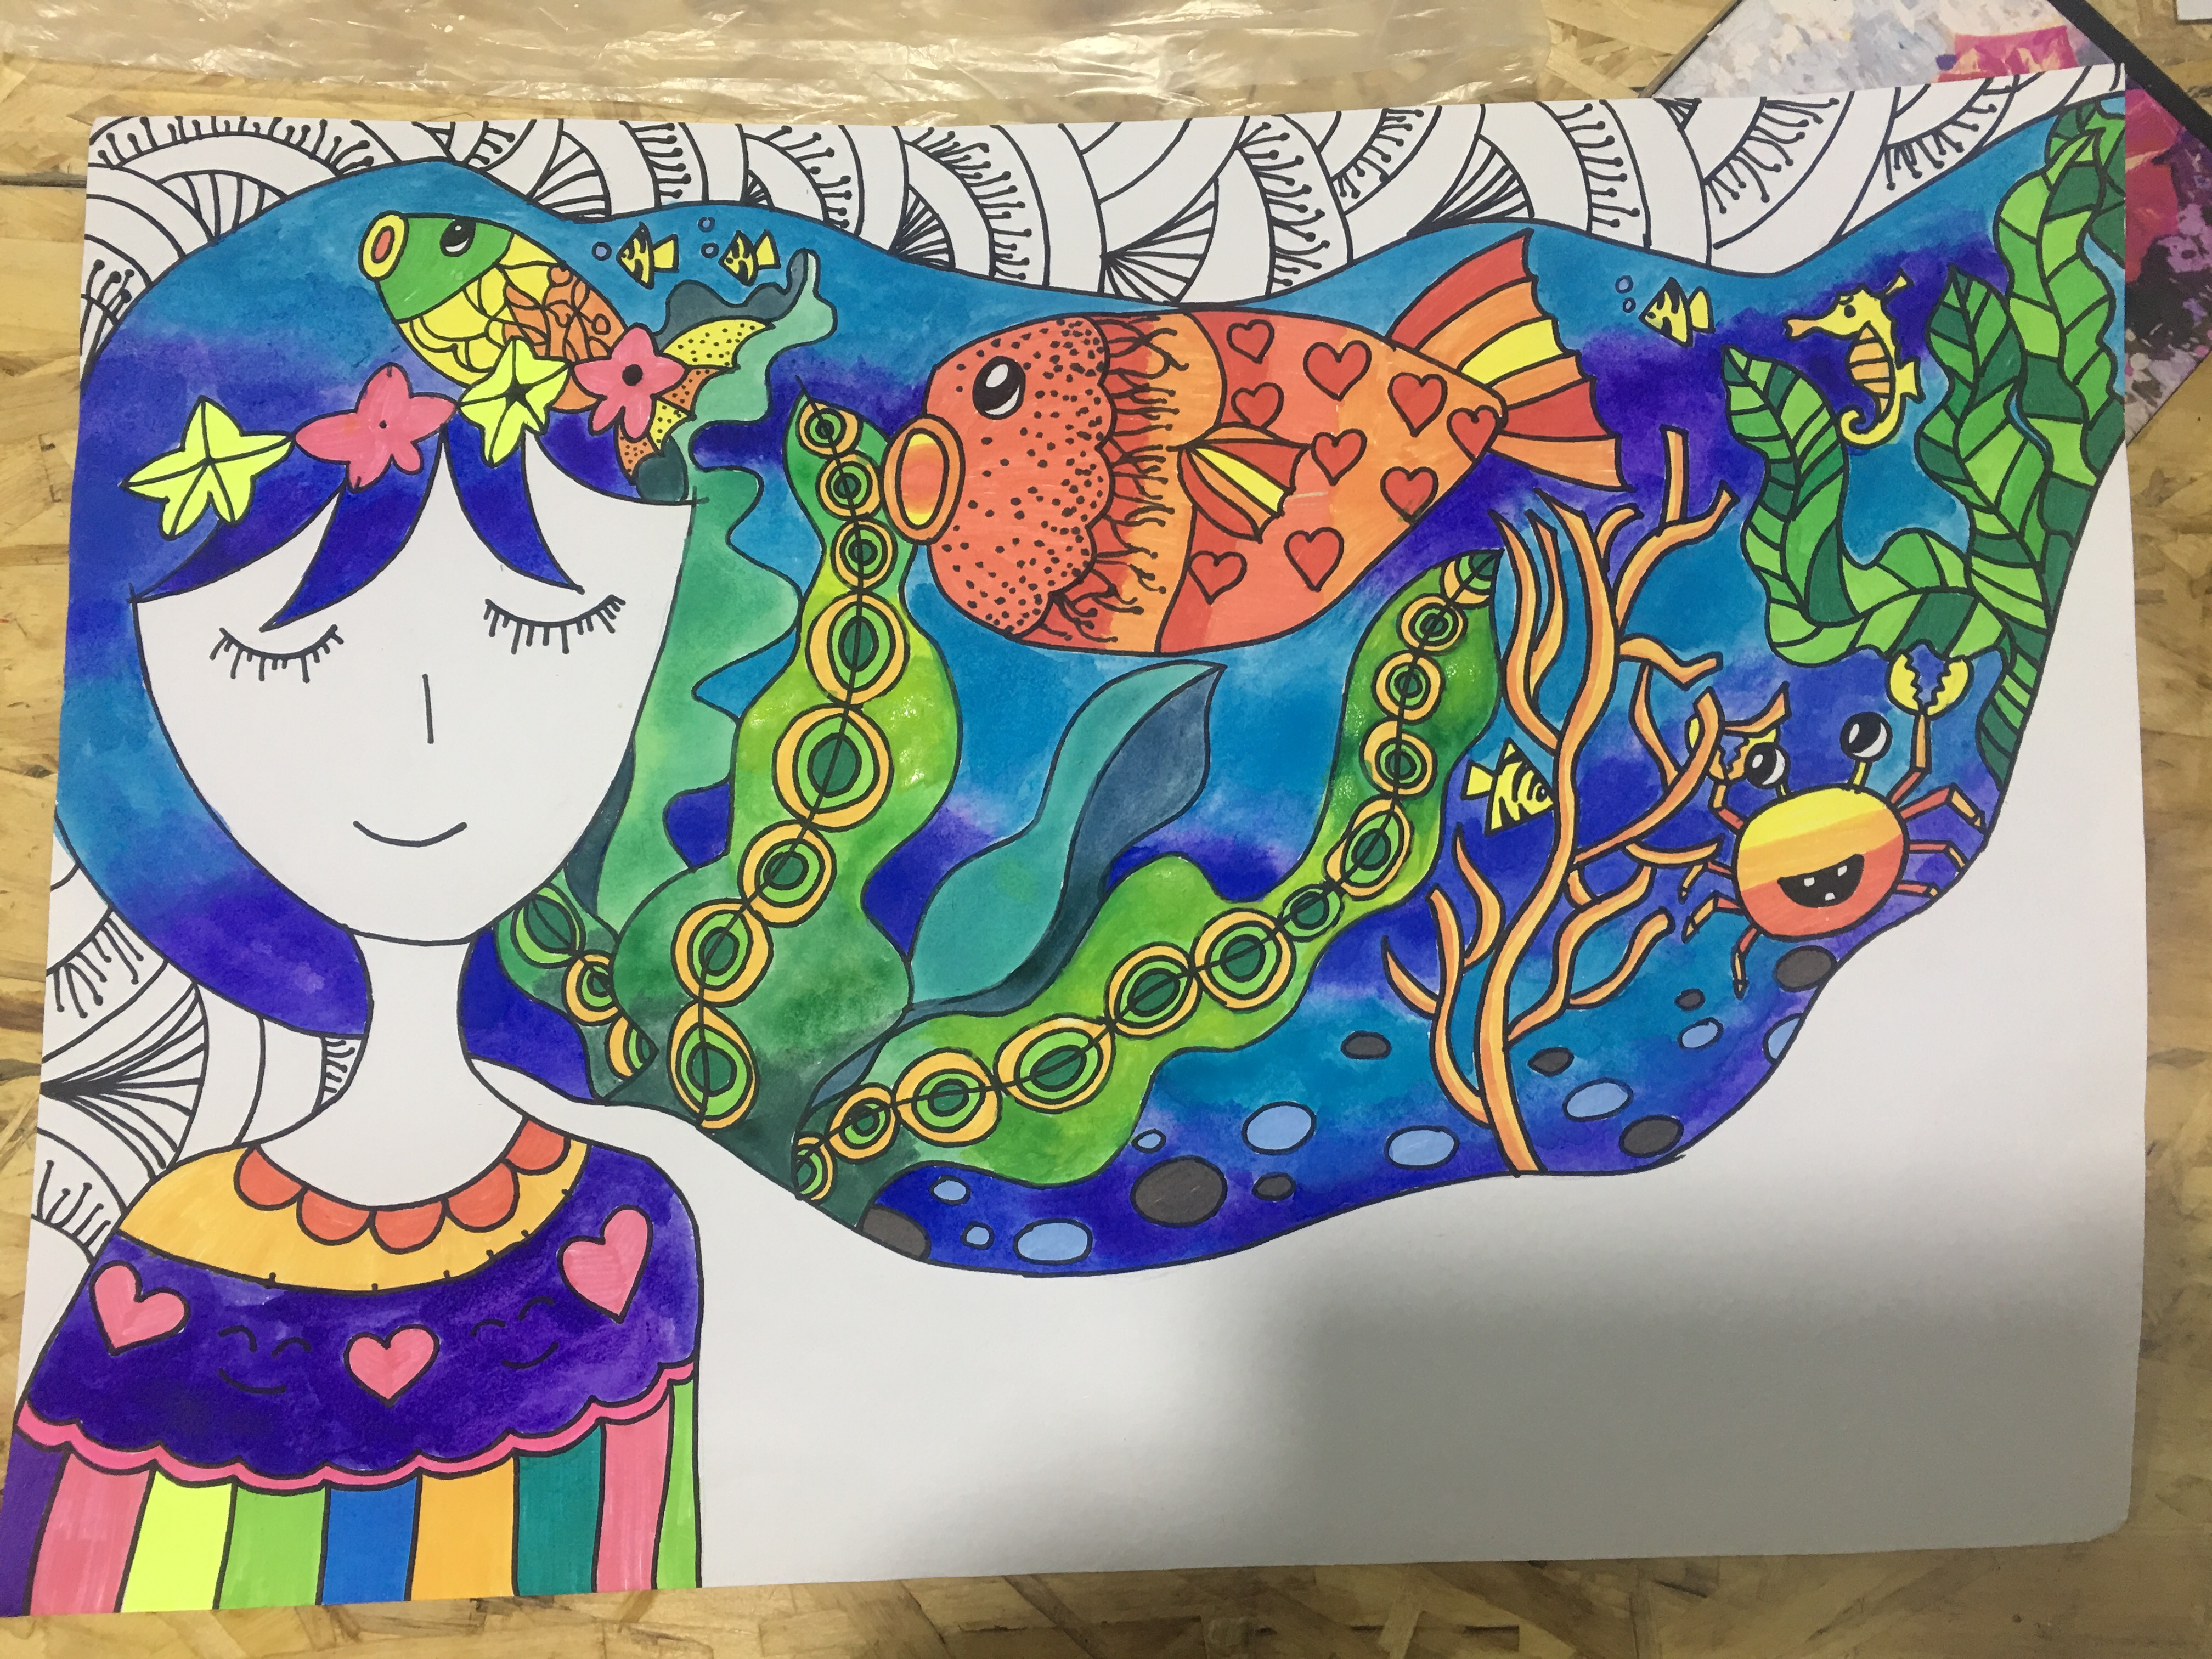 铅笔画)简笔画图片作品 儿童学小学生铅笔画)图片